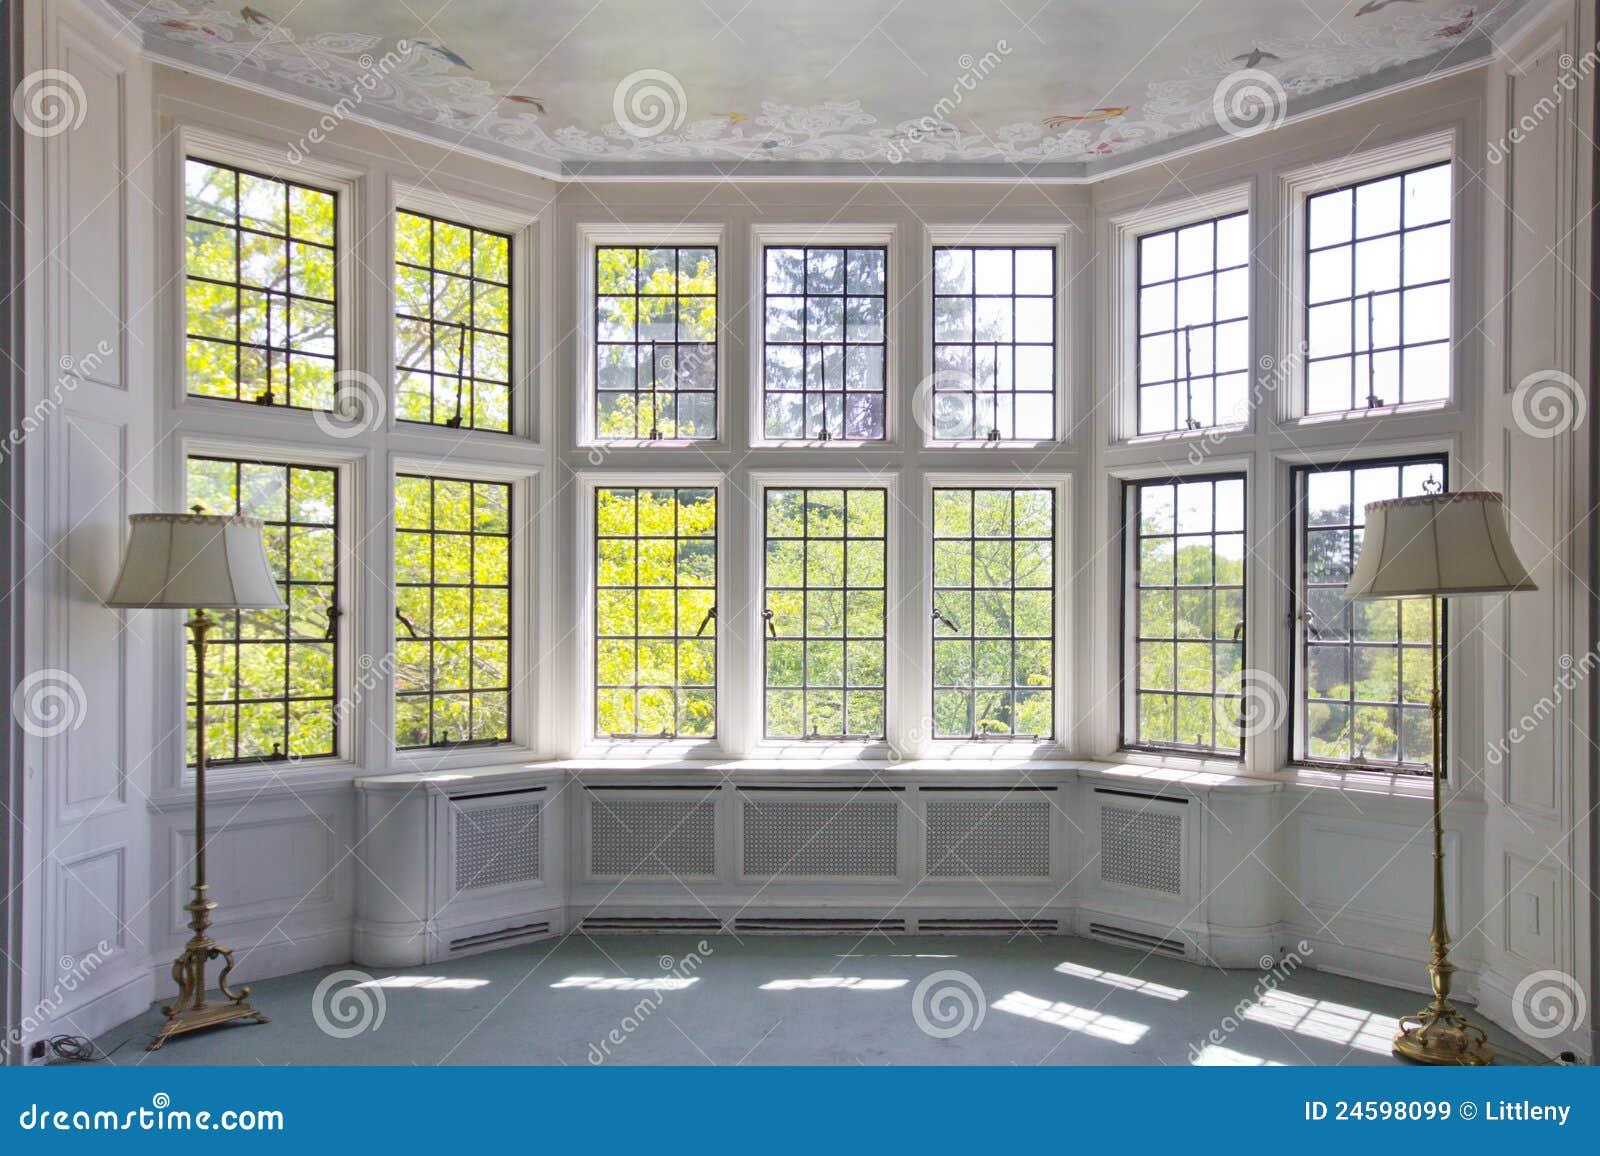 Französischer Scheiben-Fenster-Innenraum